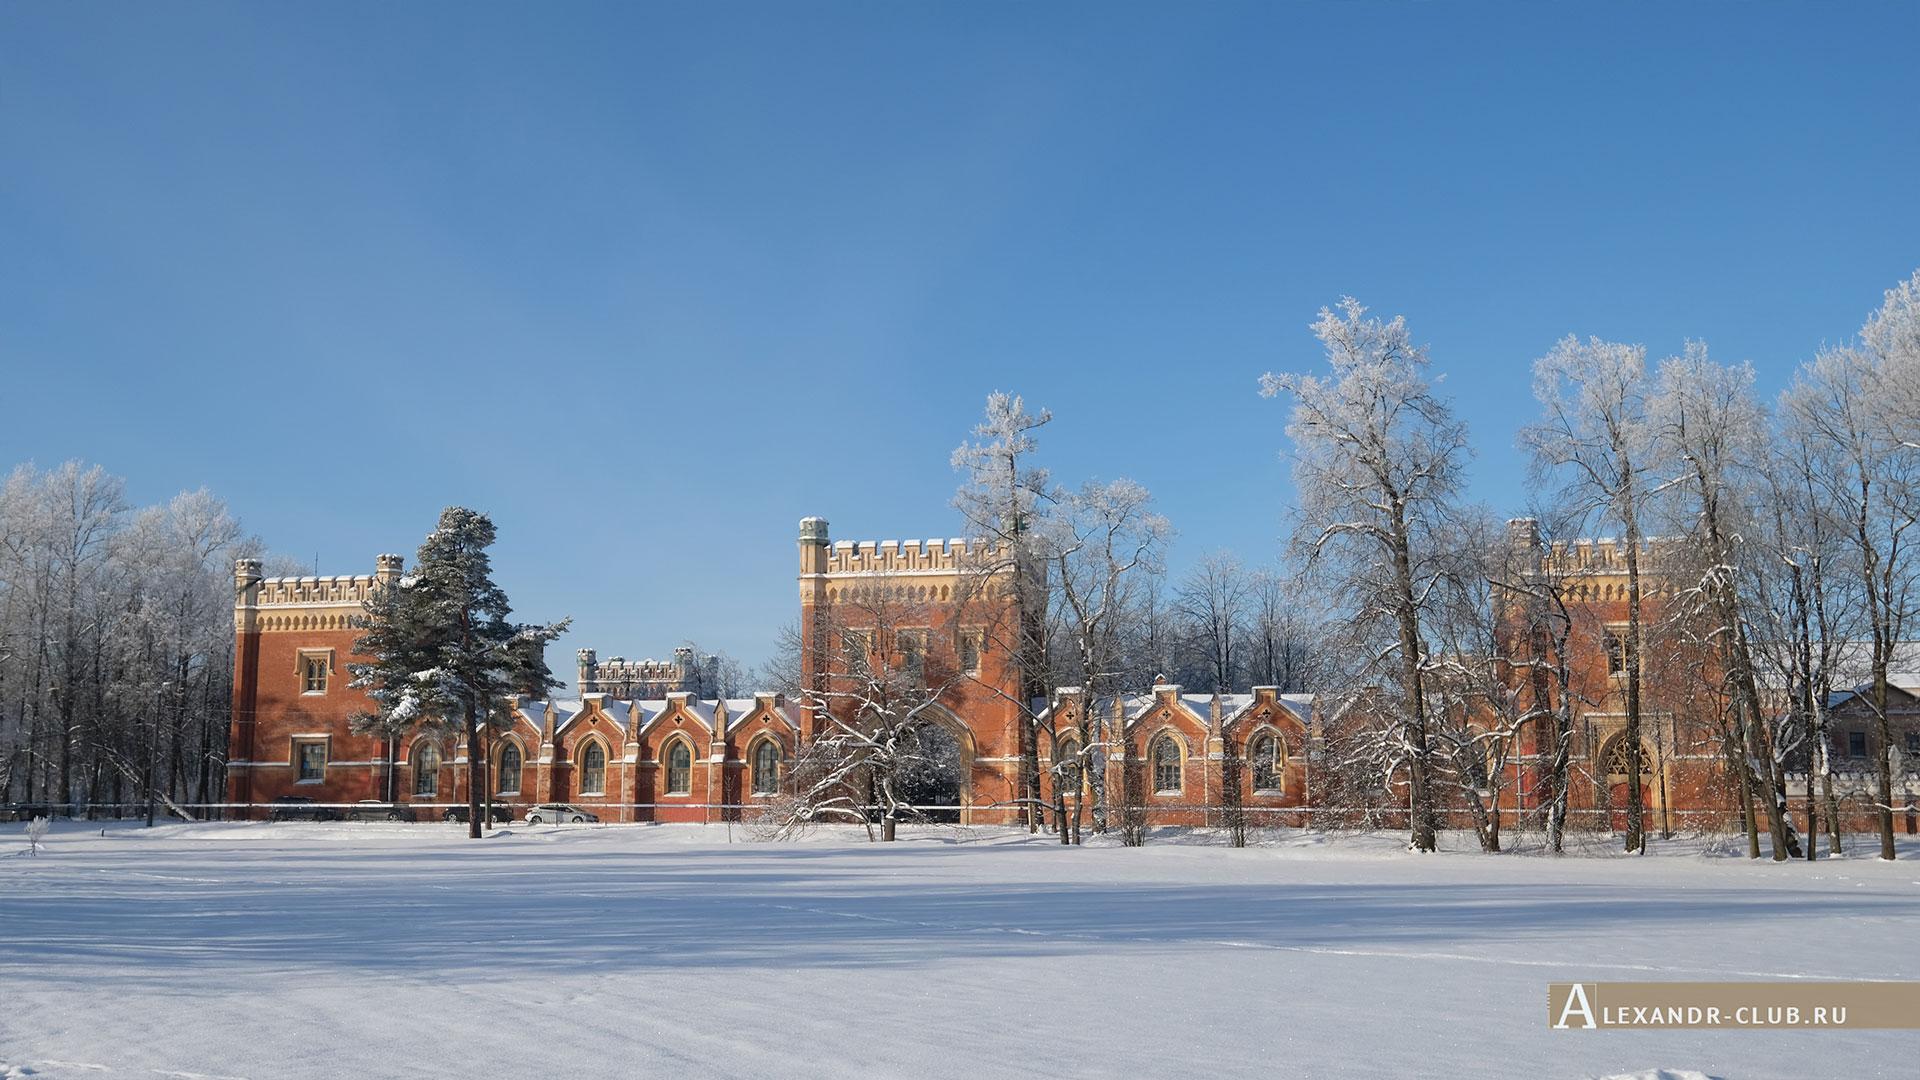 Петергоф, зима, парк «Александрия», дворцовые конюшни